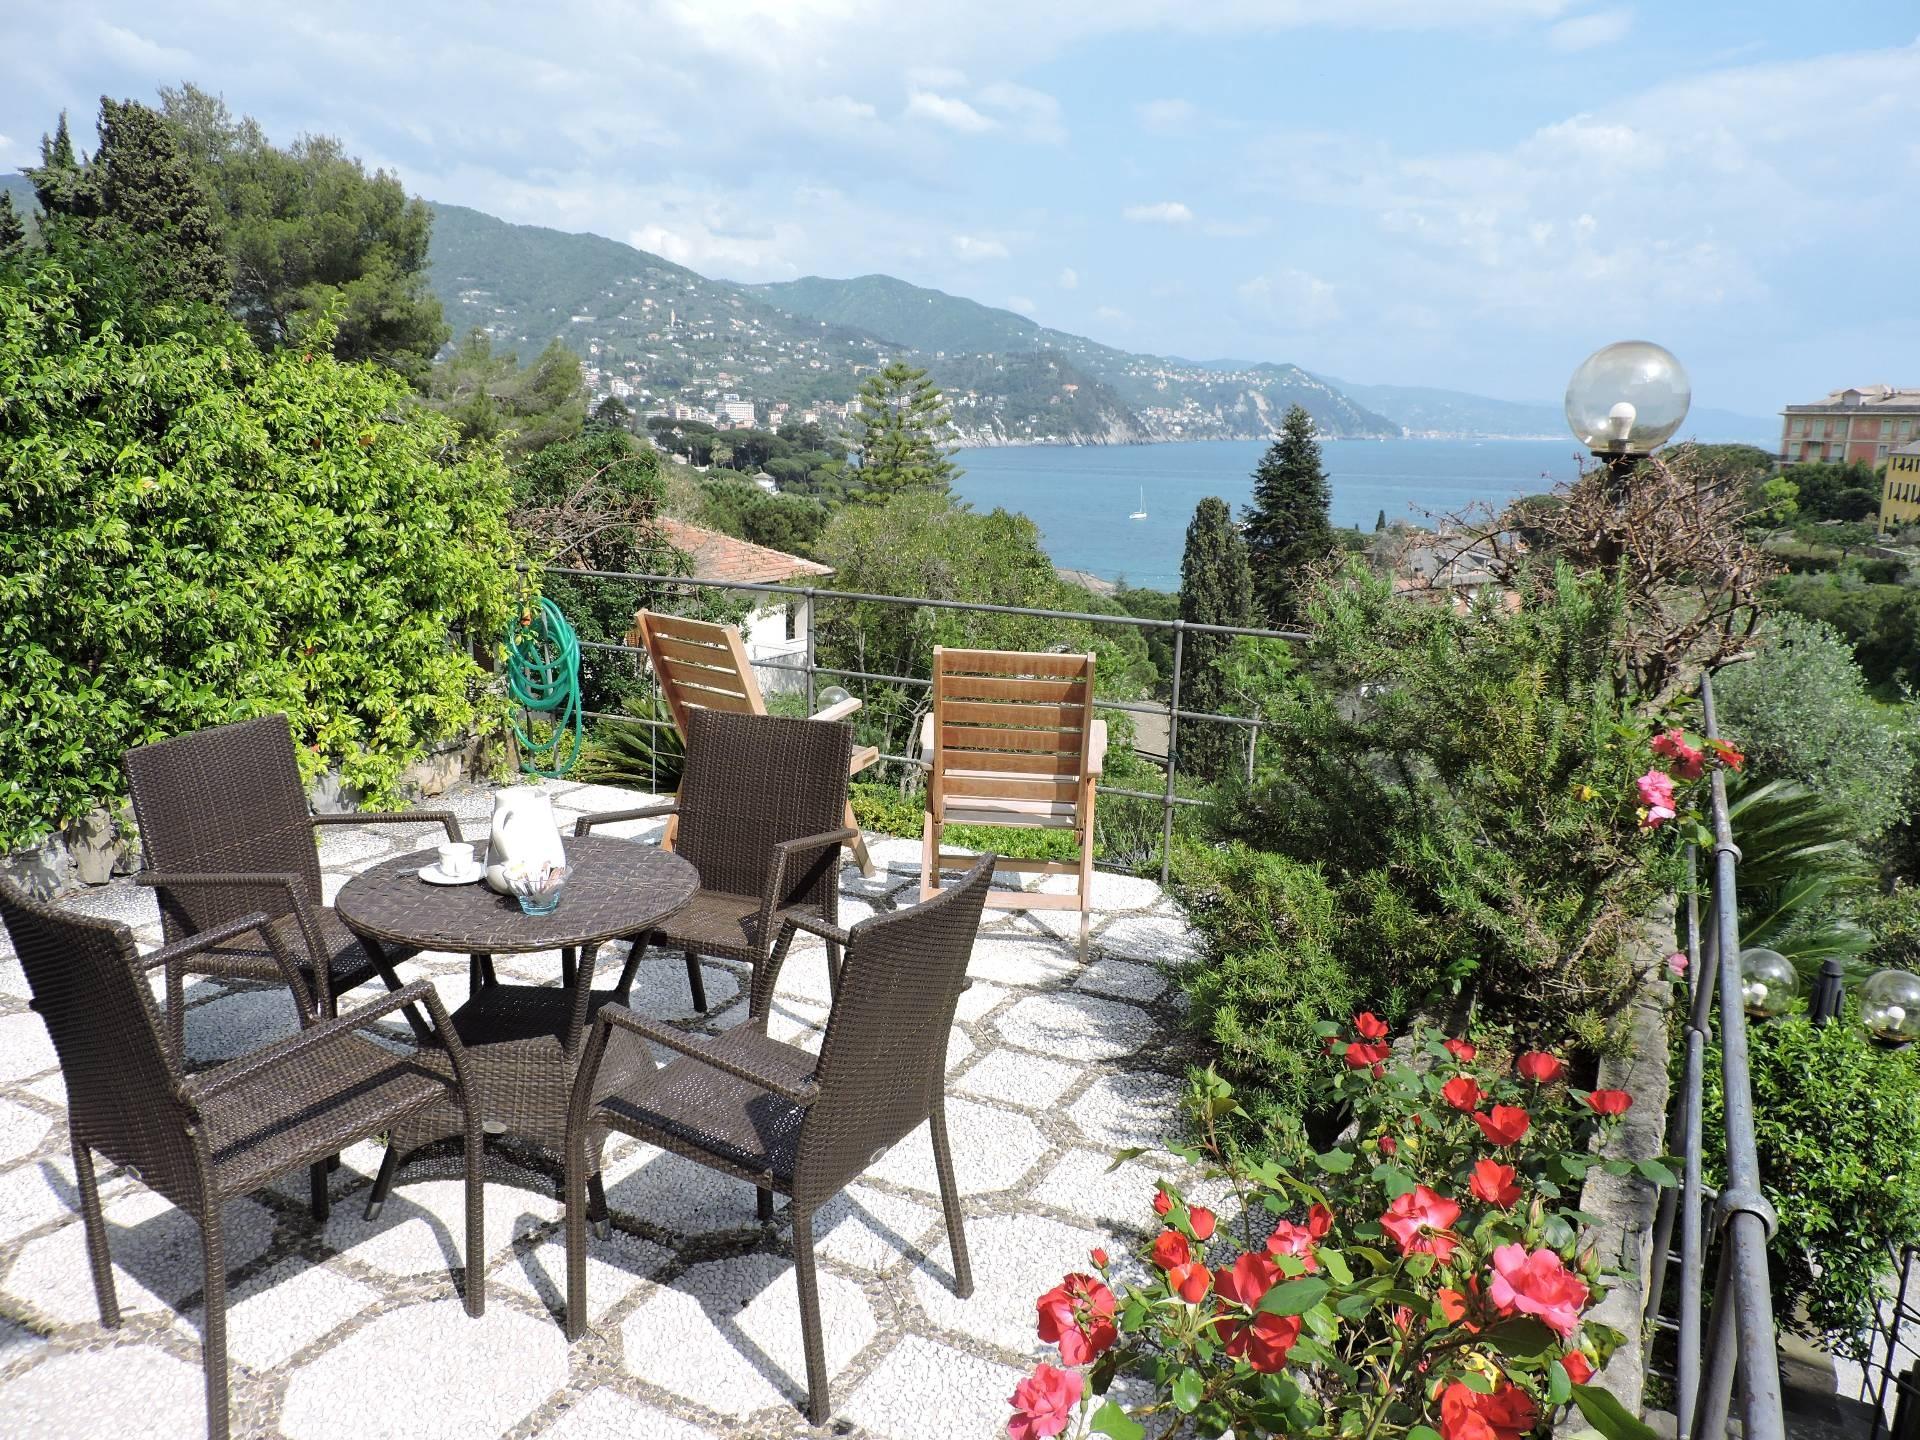 Appartamento in affitto a Rapallo, 4 locali, zona Località: SanMichelediPagana, Trattative riservate | CambioCasa.it